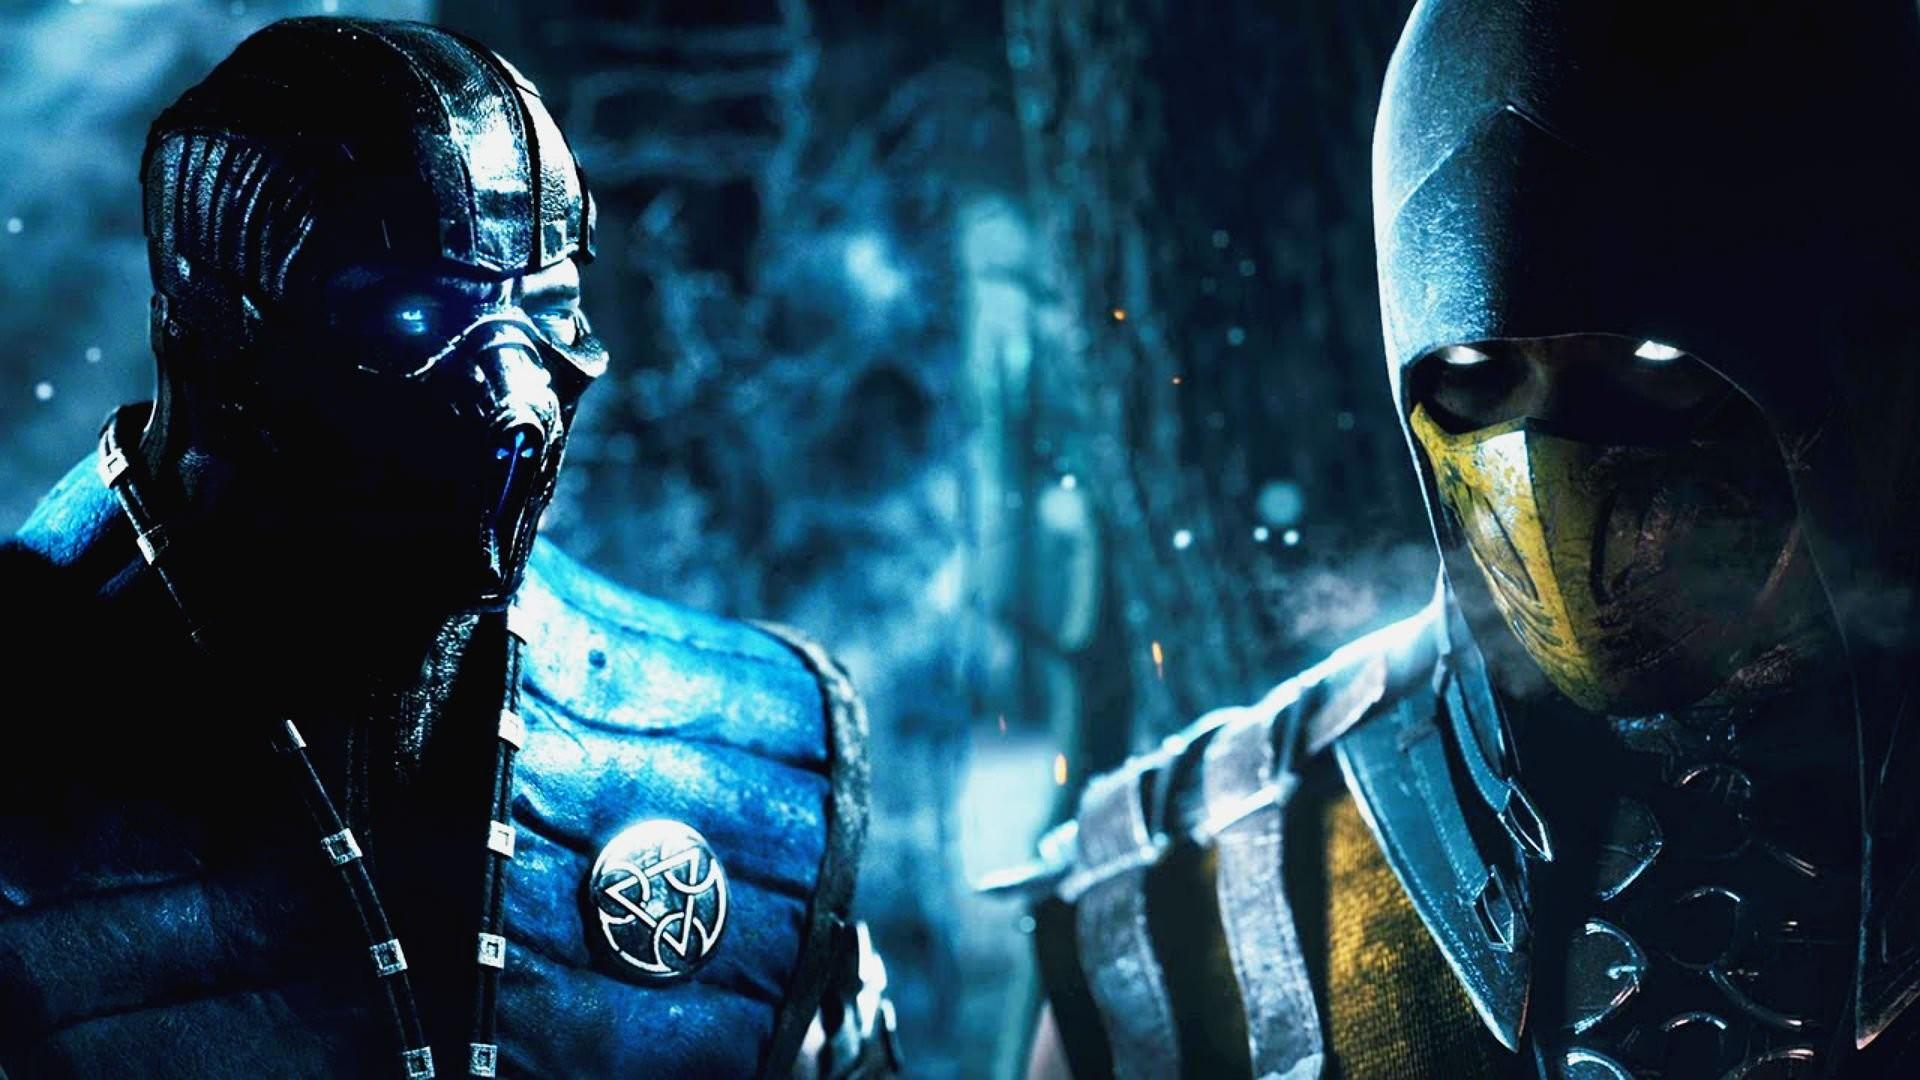 Mortal Kombat 11 Scorpion Wallpaper Hd Hd Blast